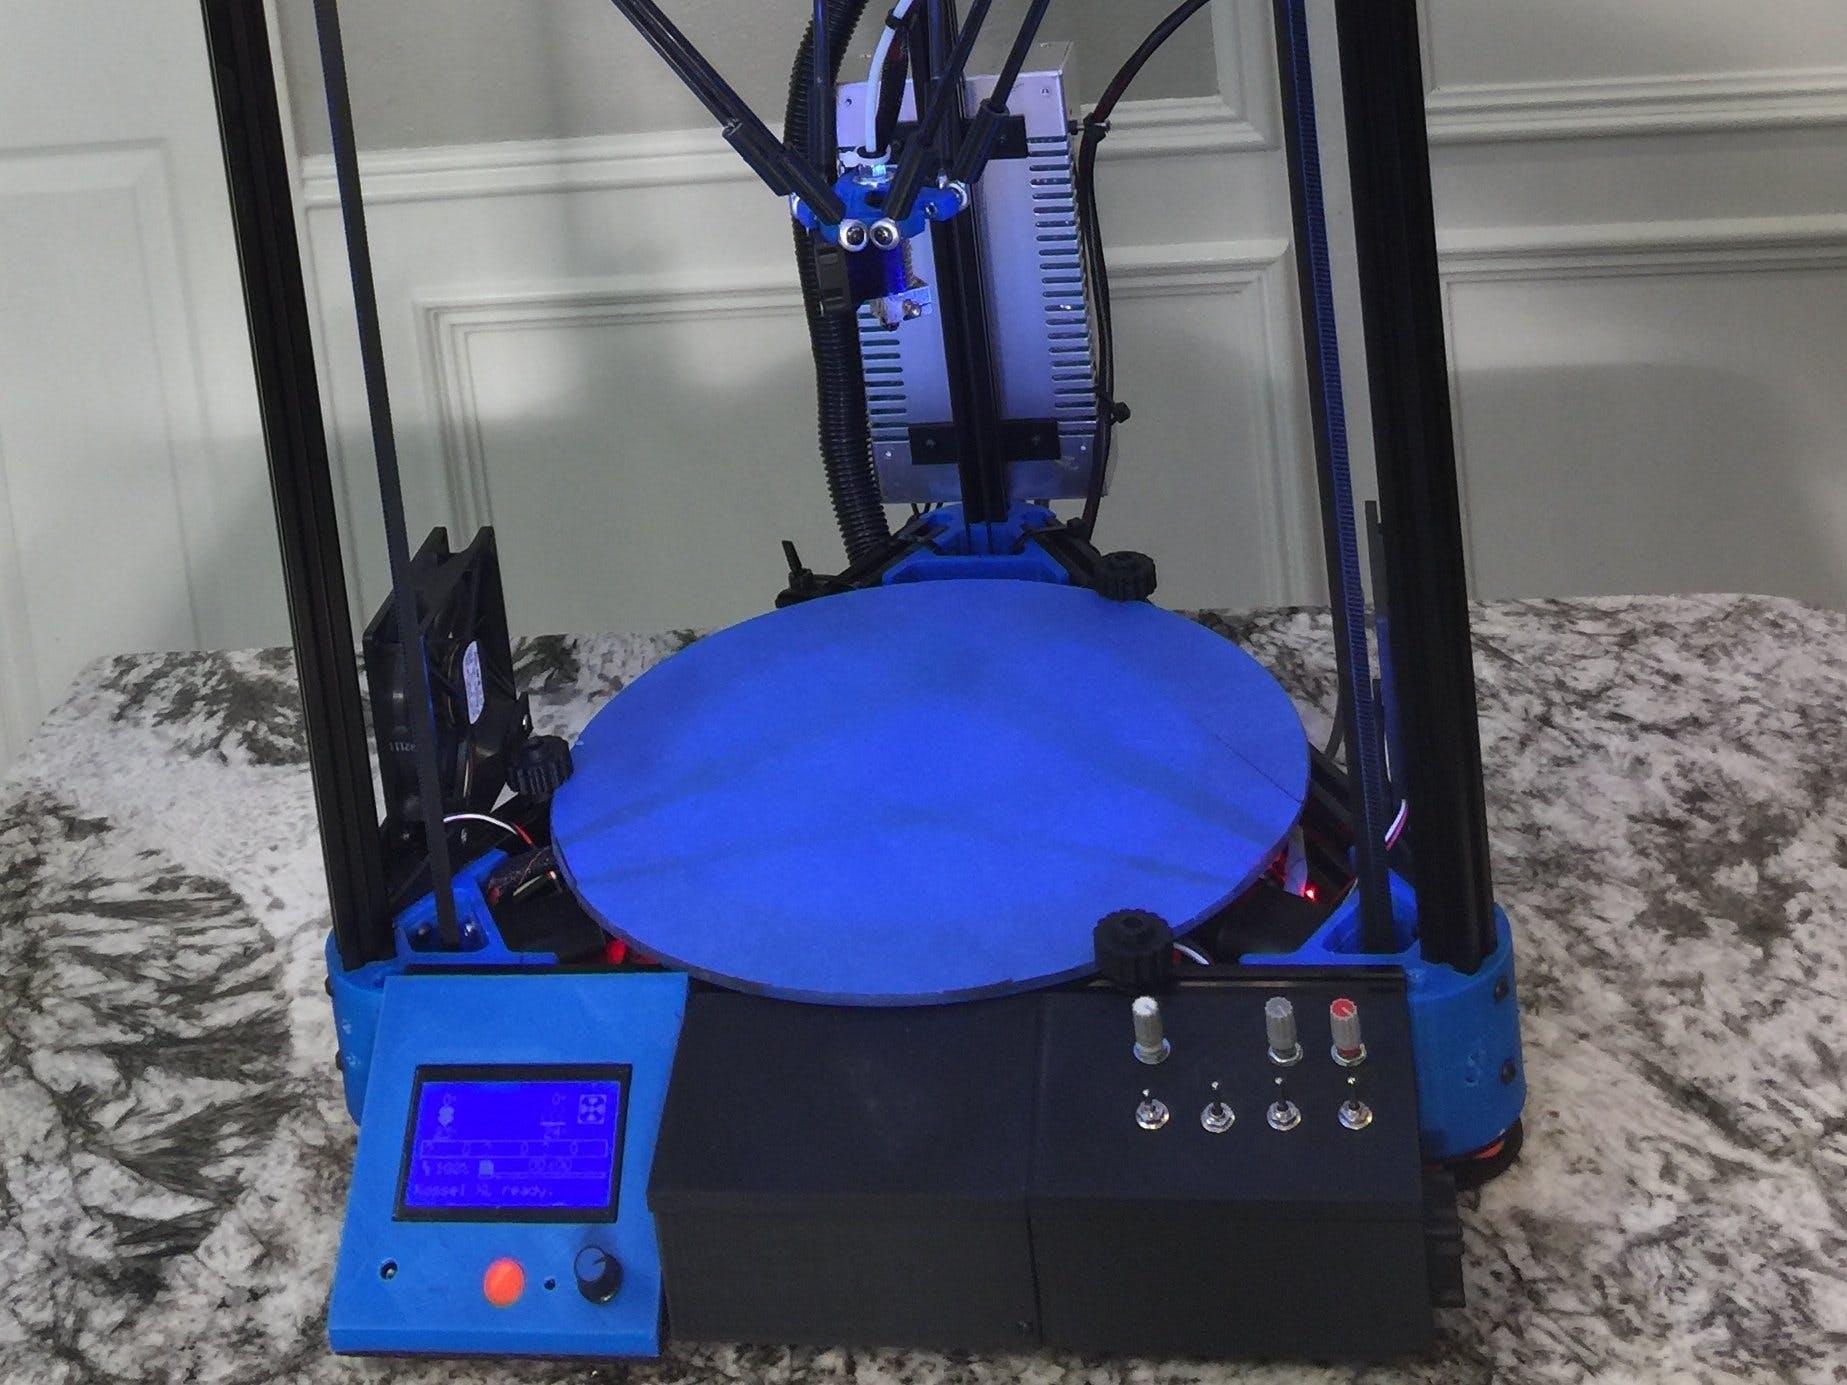 DIY Kossel XL RepRap 3D Printer Build